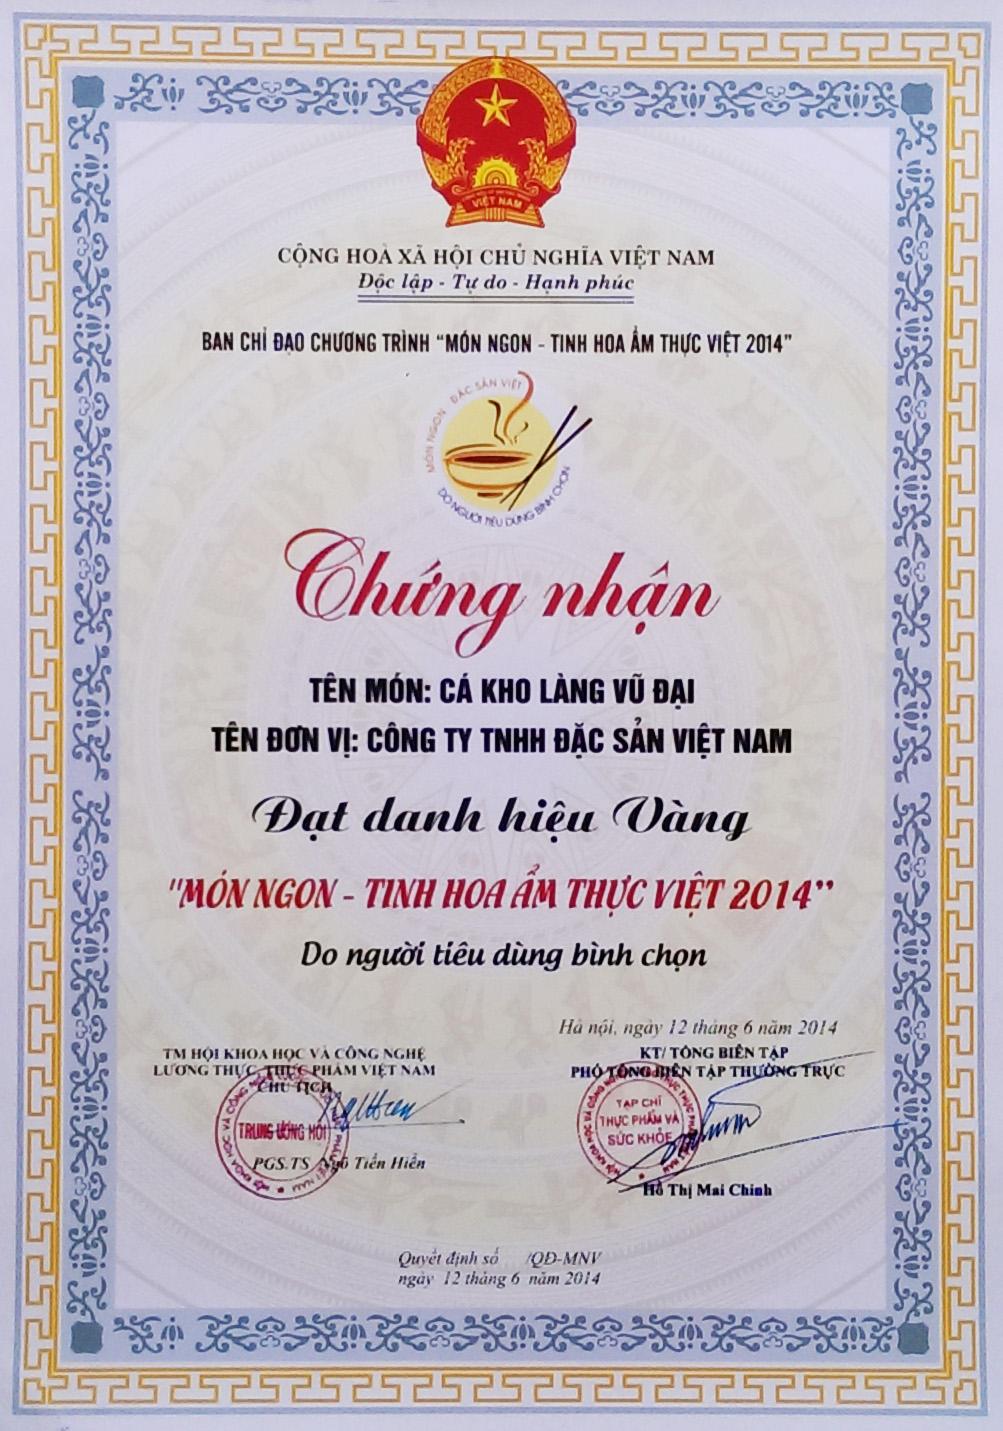 Chứng nhận danh hiệu Vàng – Món ngon tinh hoa ẩm thực Việt 2014